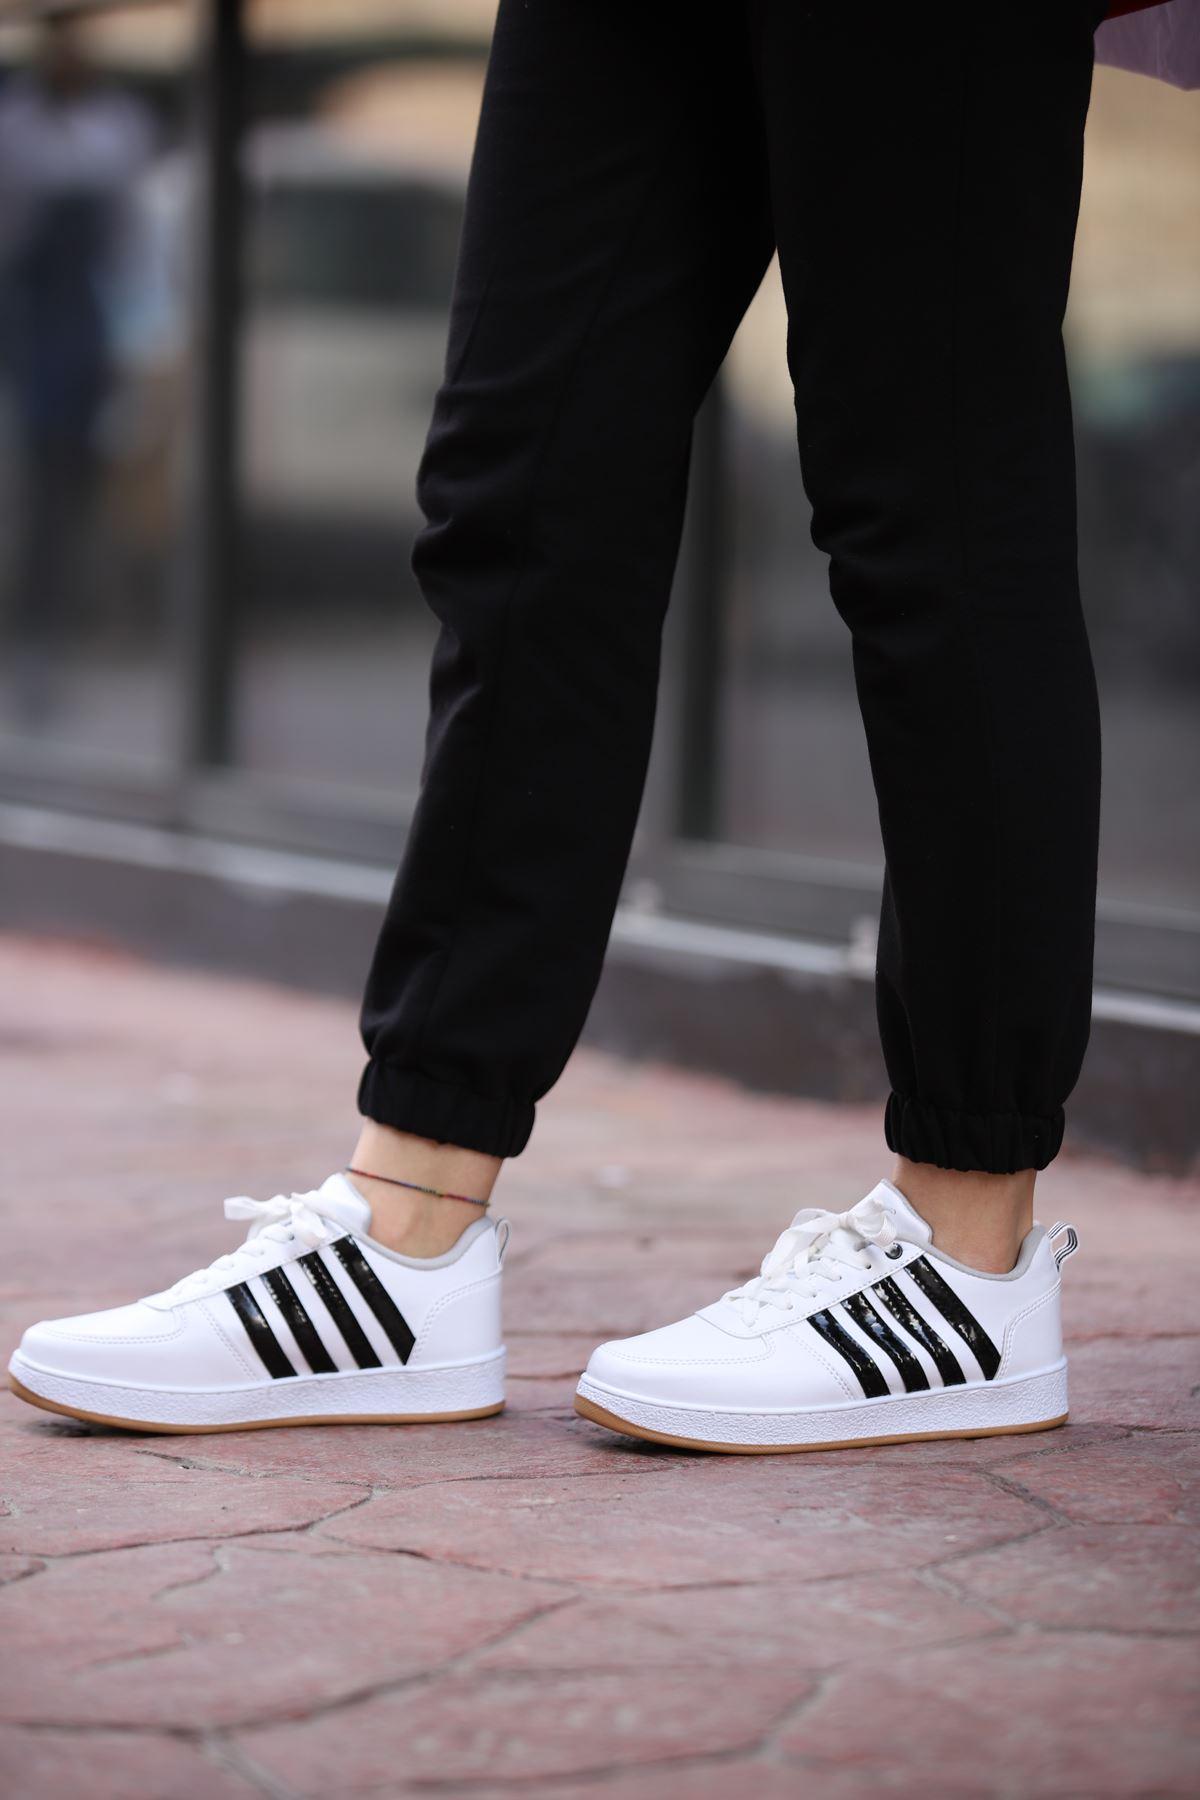 Süperstar Çizgili Spor Ayakkabı - Beyaz-Siyah